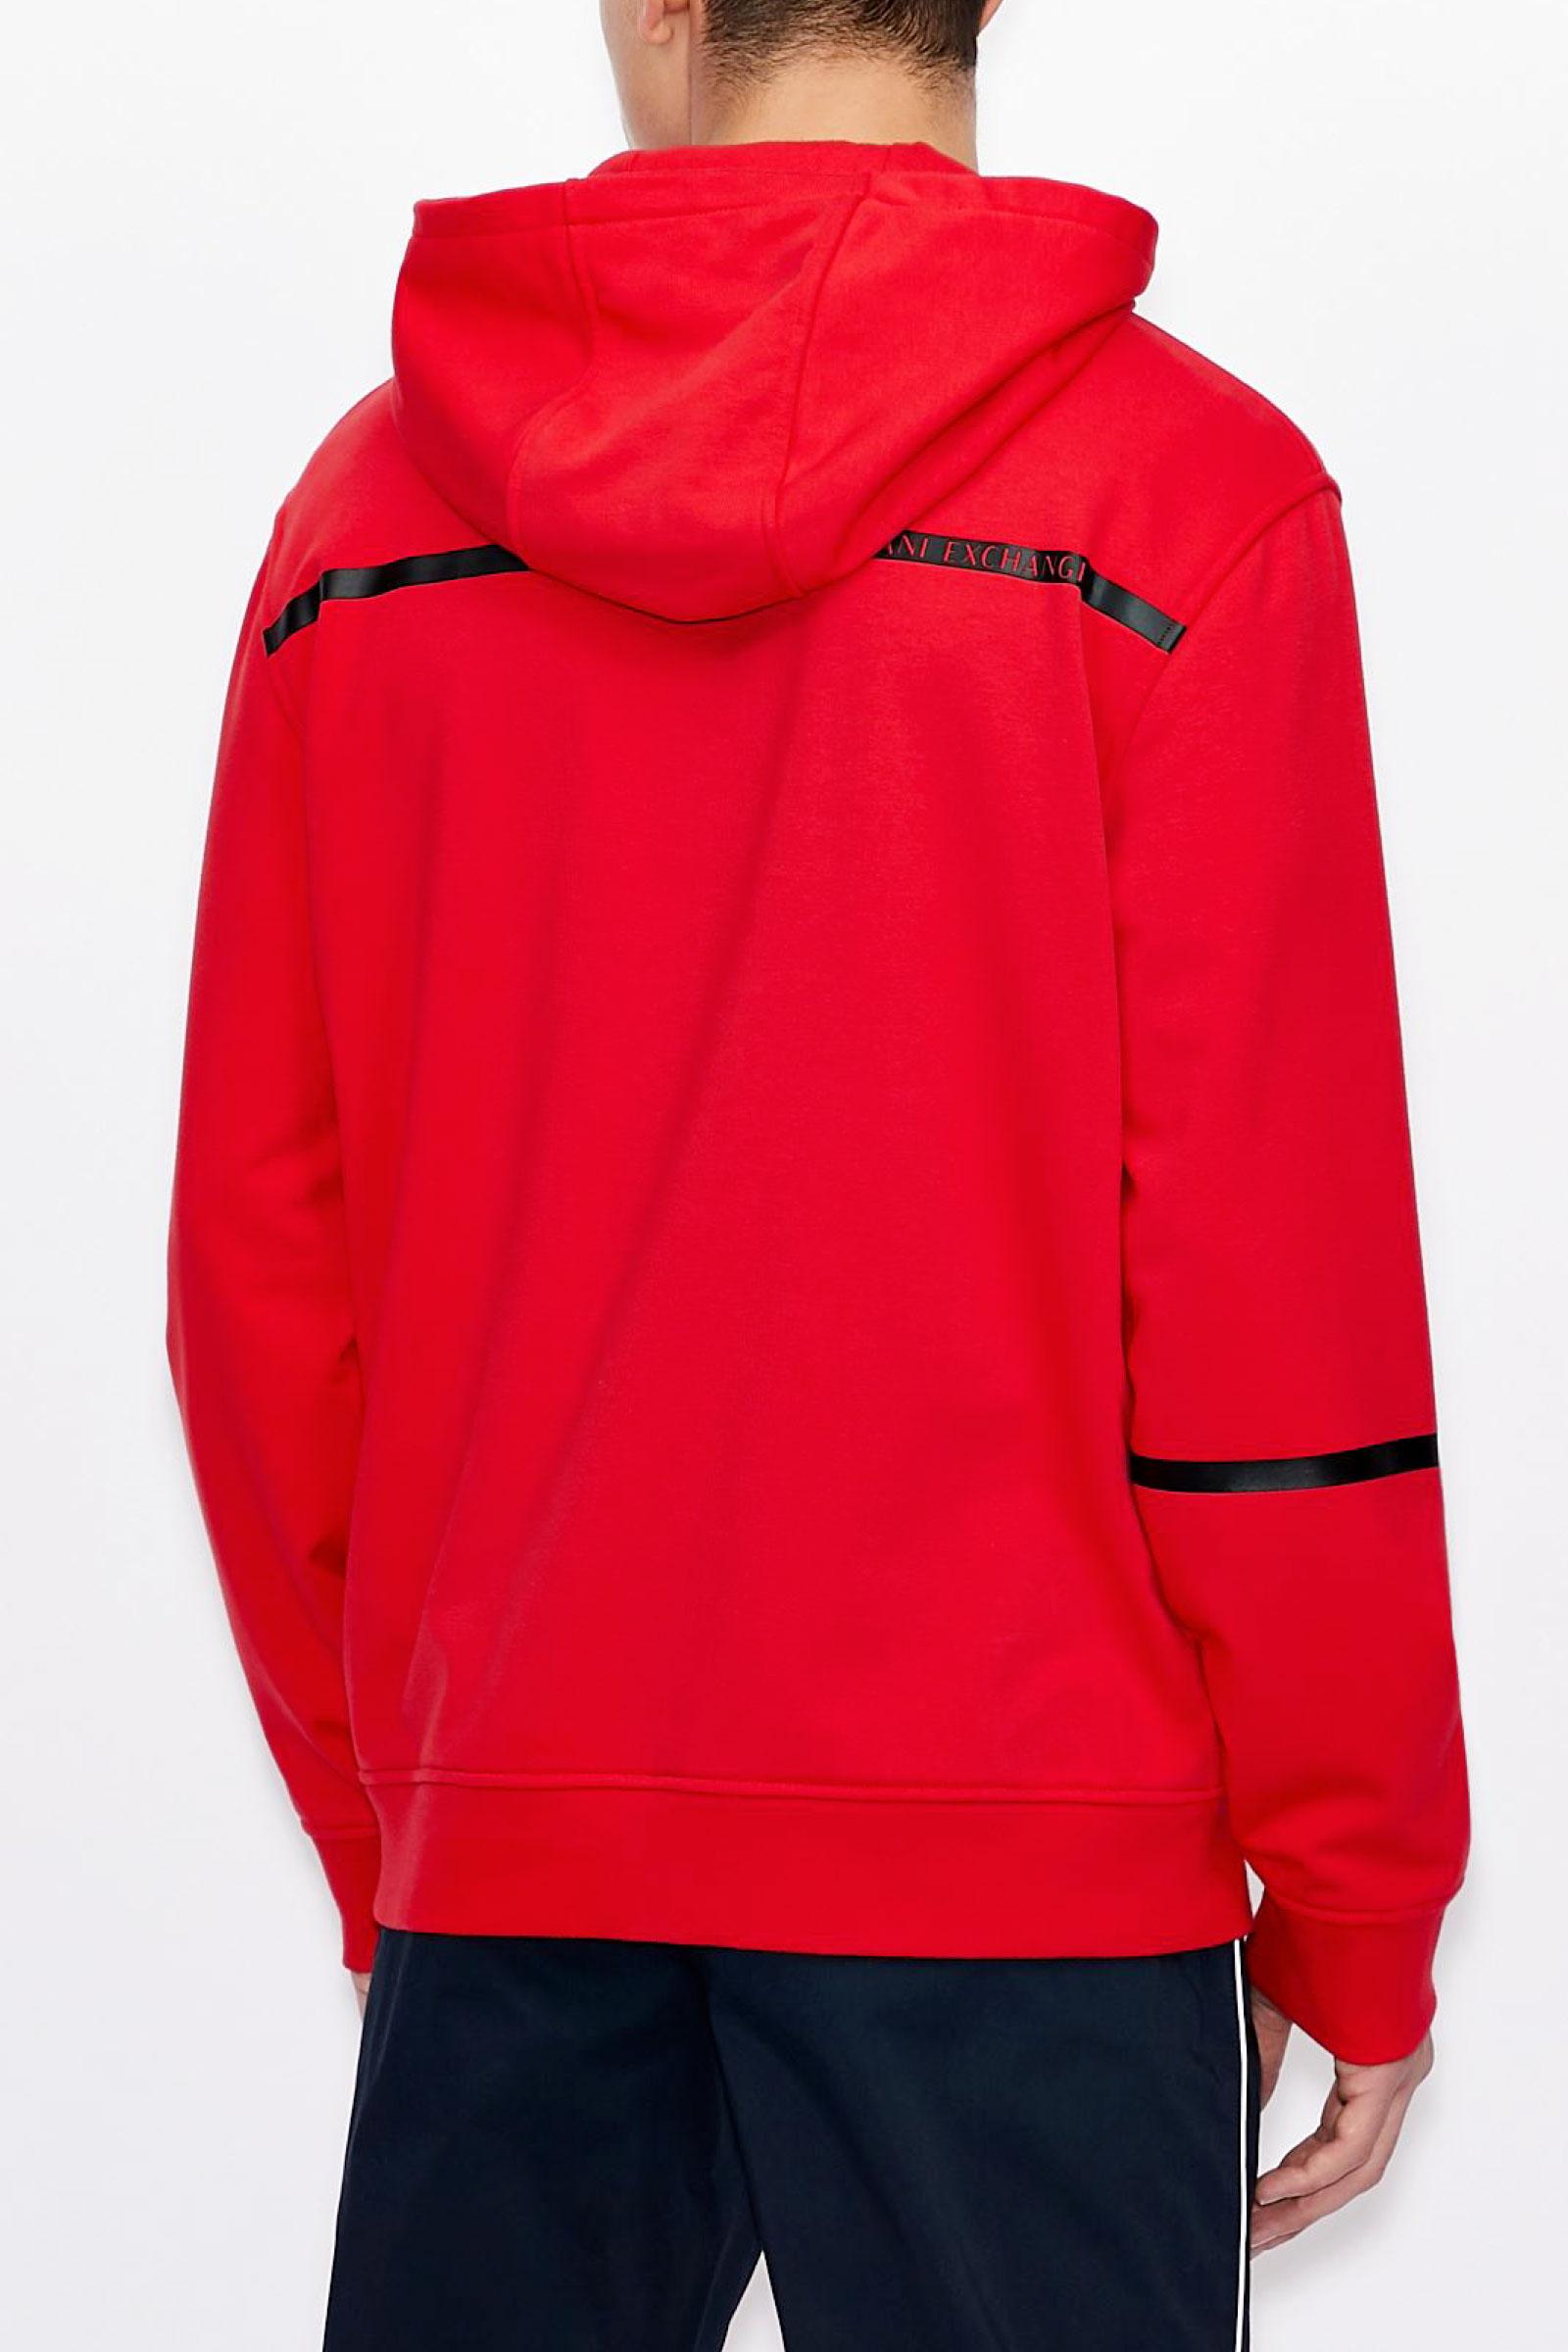 ARMANI EXCHANGE | Sweatshirt | 3KZMFE ZJ9FZ1400